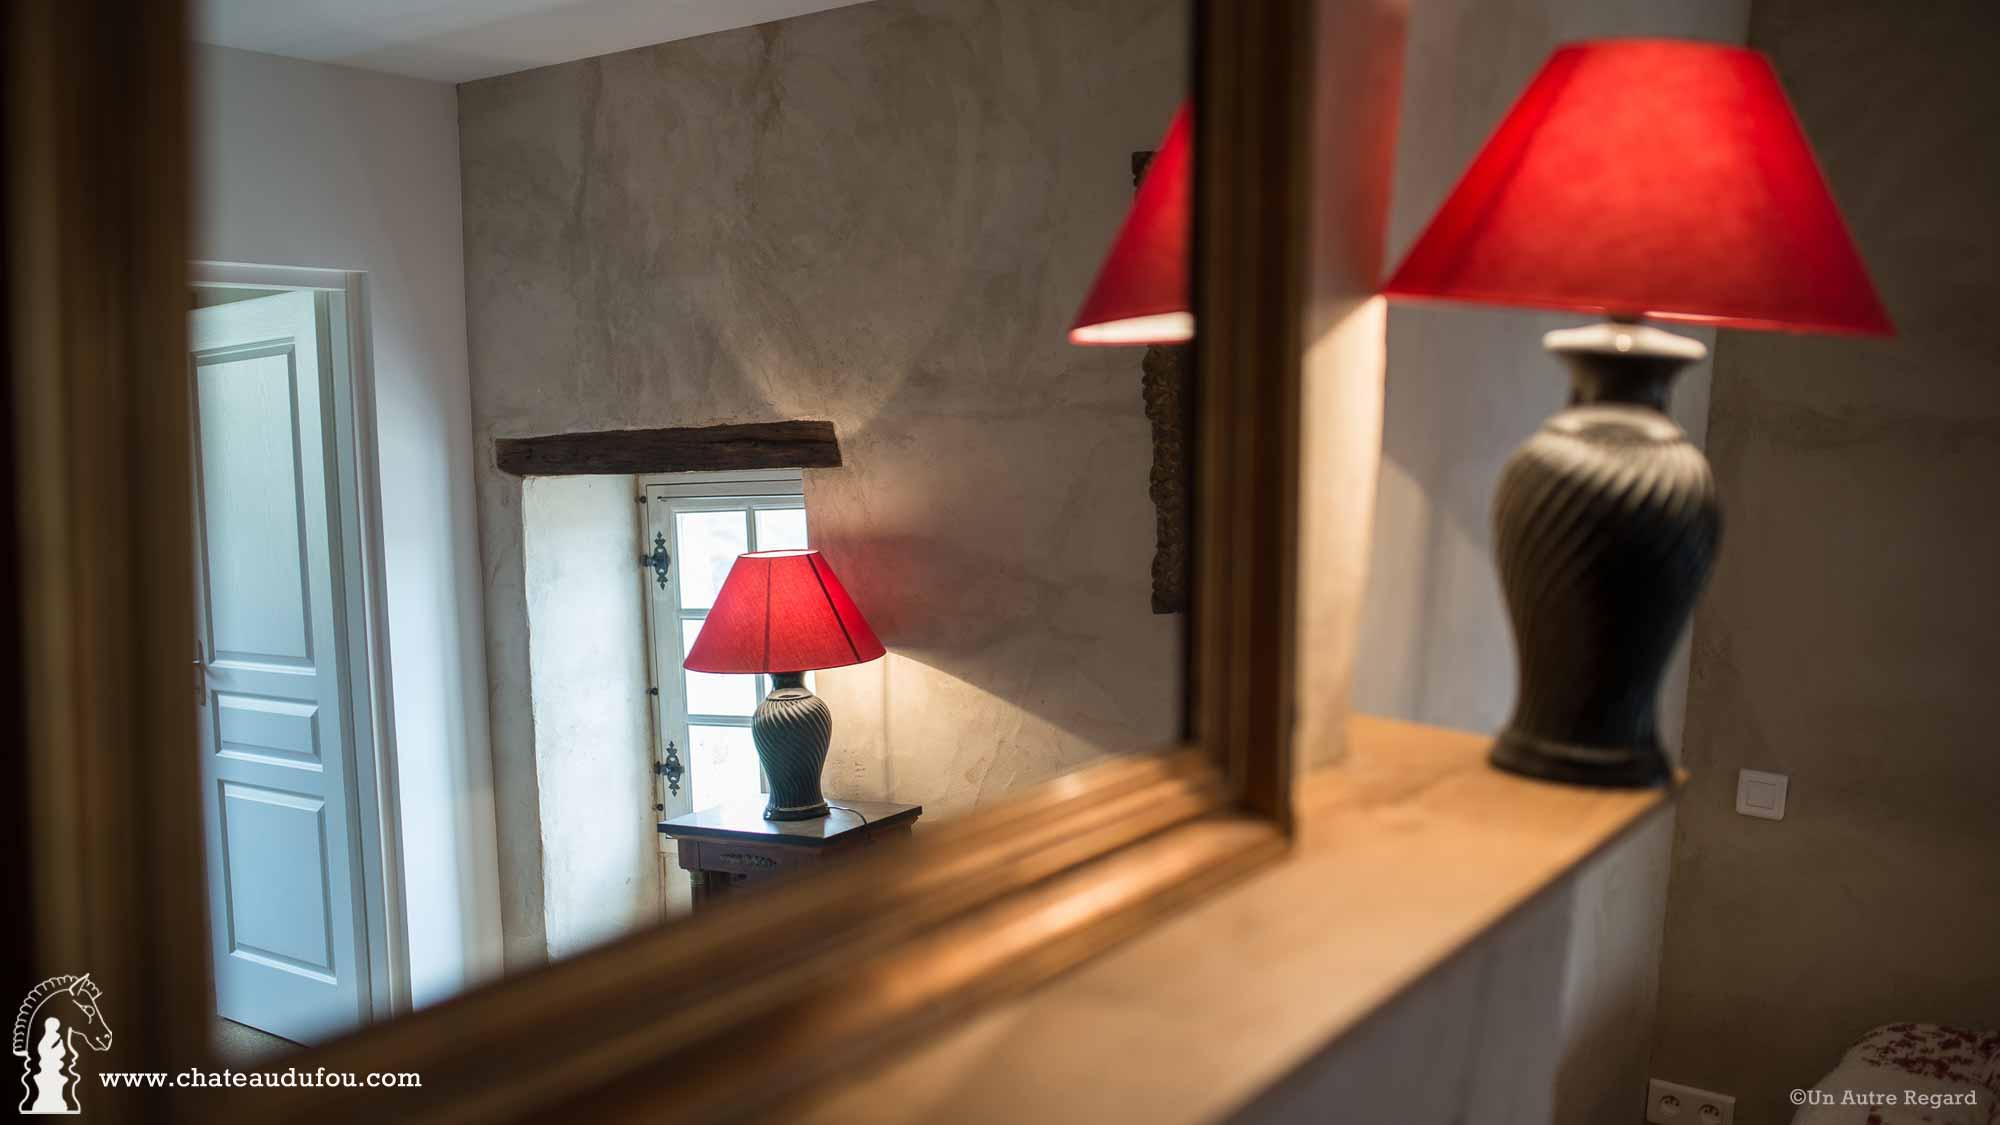 hotel-futuroscope-poitiers-14.jpg